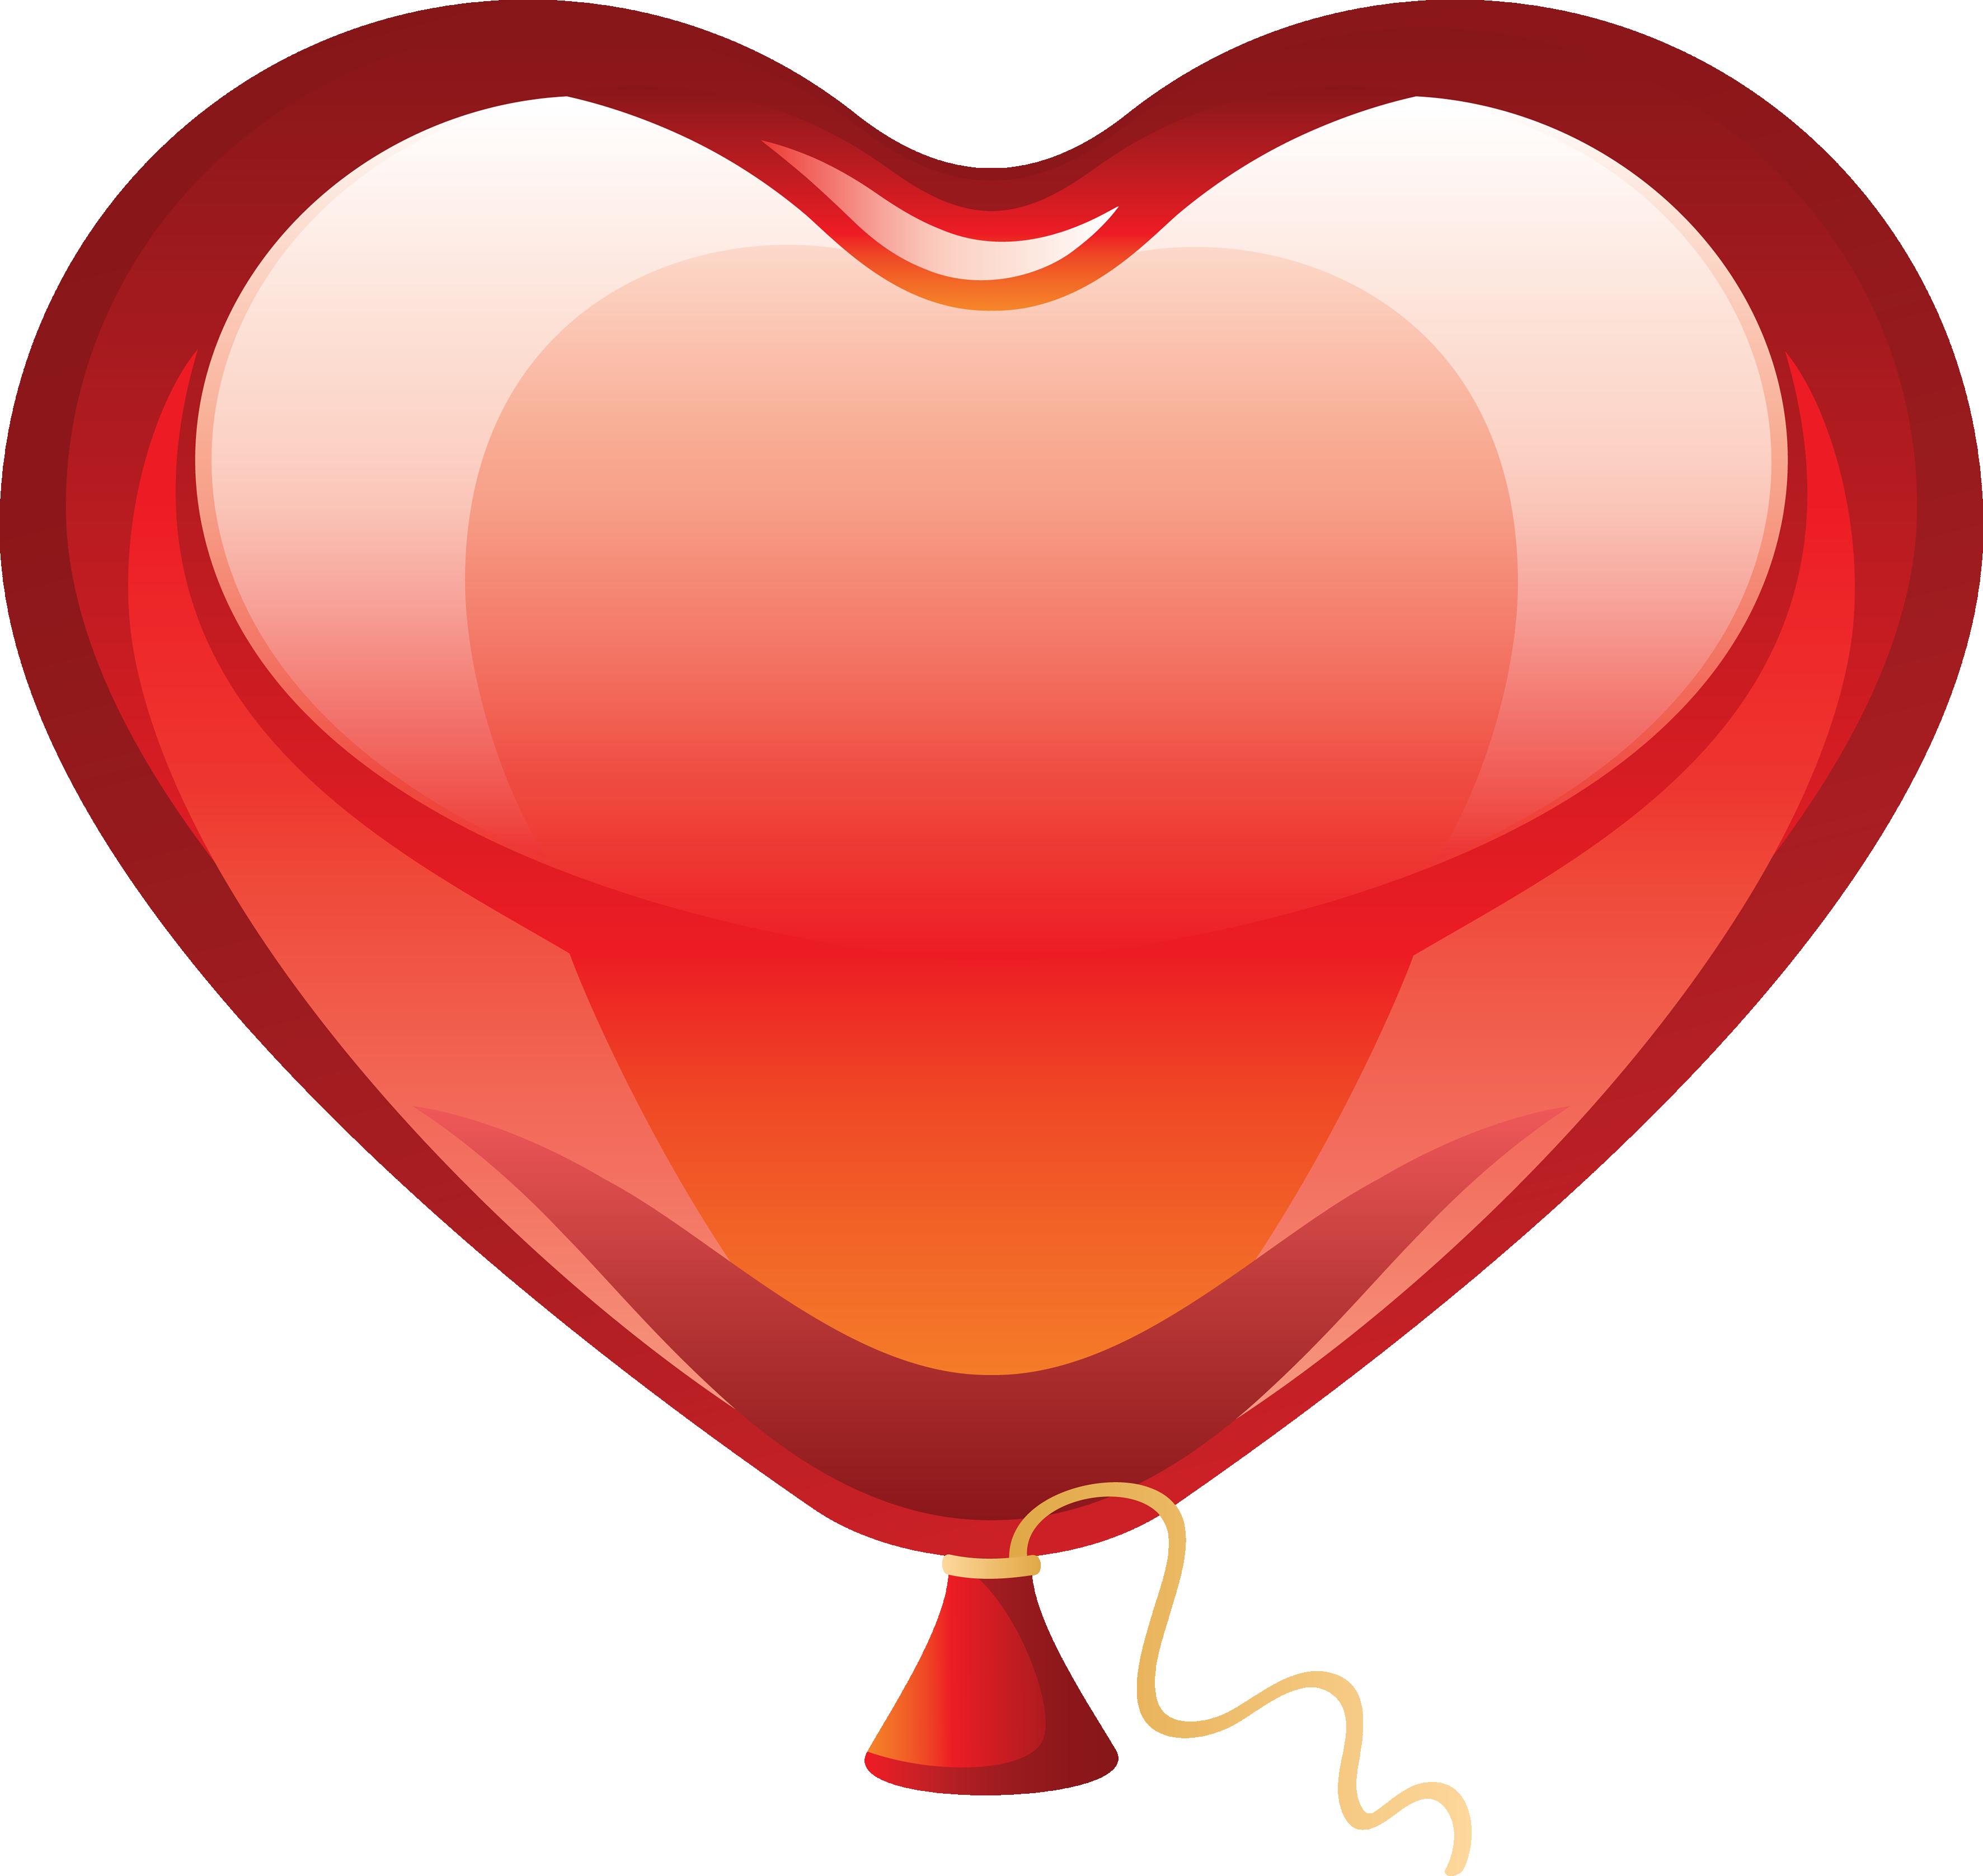 Heart Balloon Clip Art - Cliparts.co